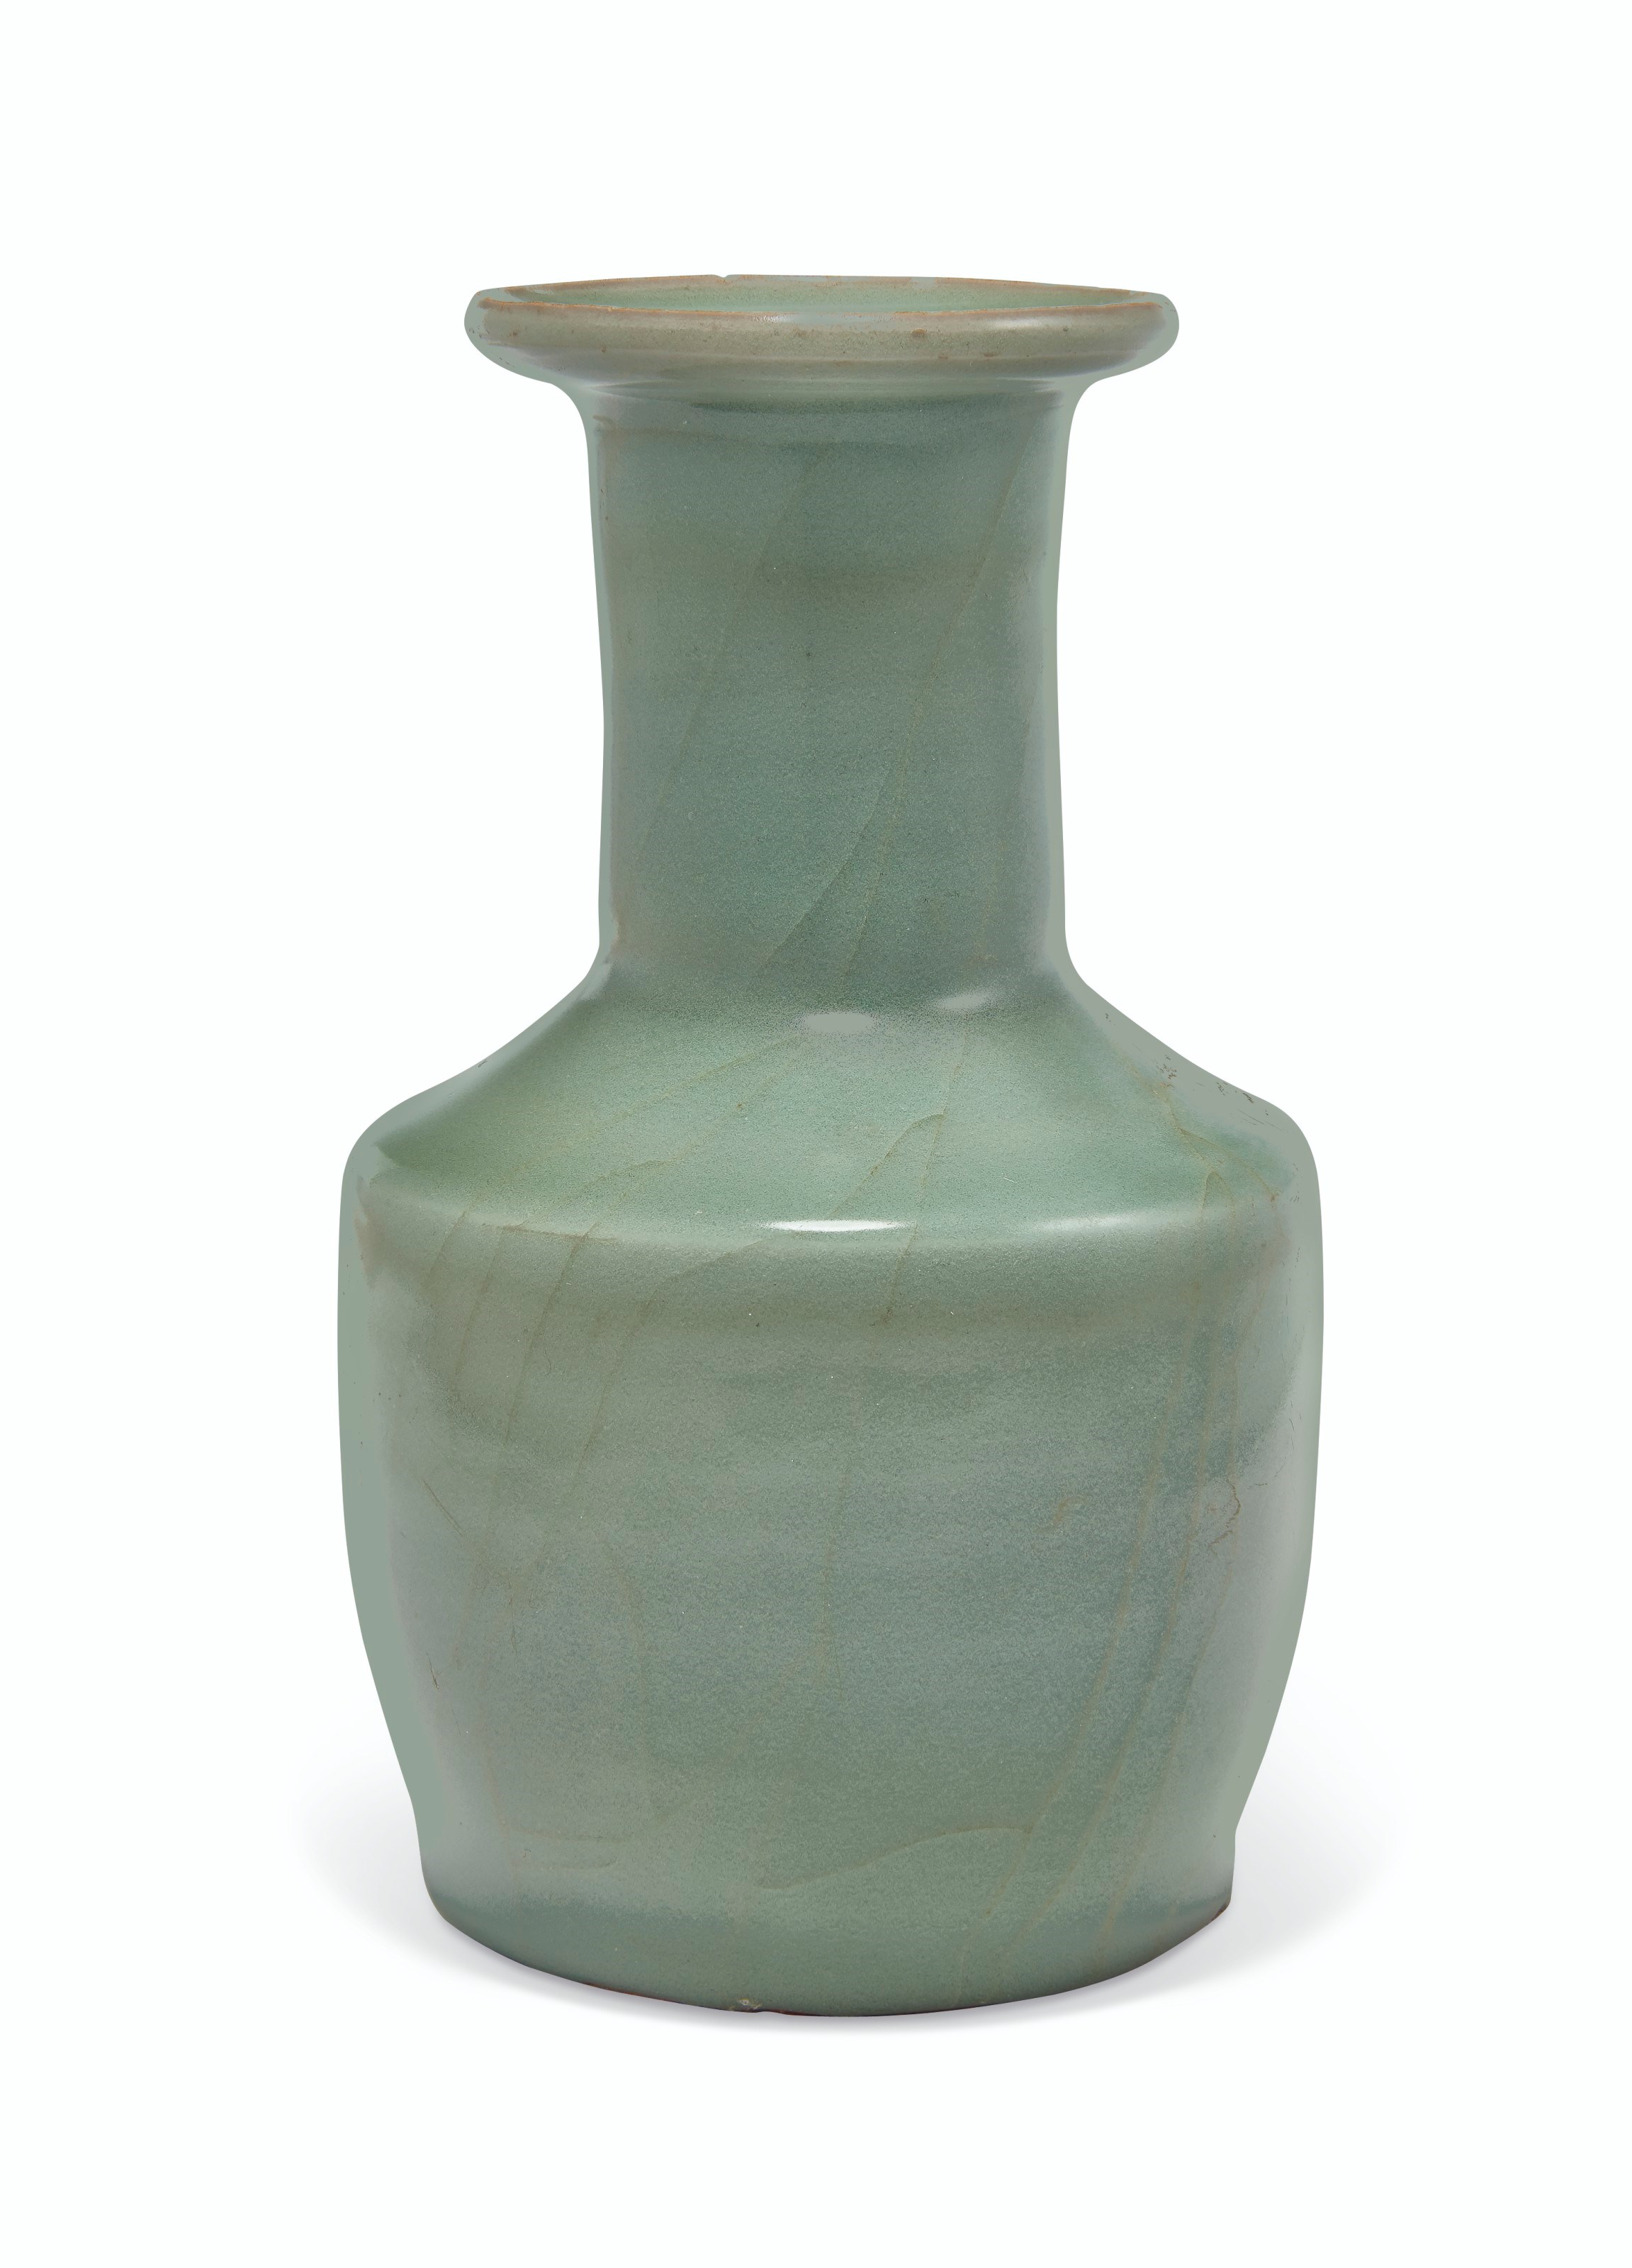 南宋 龙泉青釉纸槌瓶,直径6 吋(15.5公分)。估价:20,000-30,000美元。此拍品将于2019年9月13日佳士得纽约重要中国瓷器及工艺精品拍卖呈献